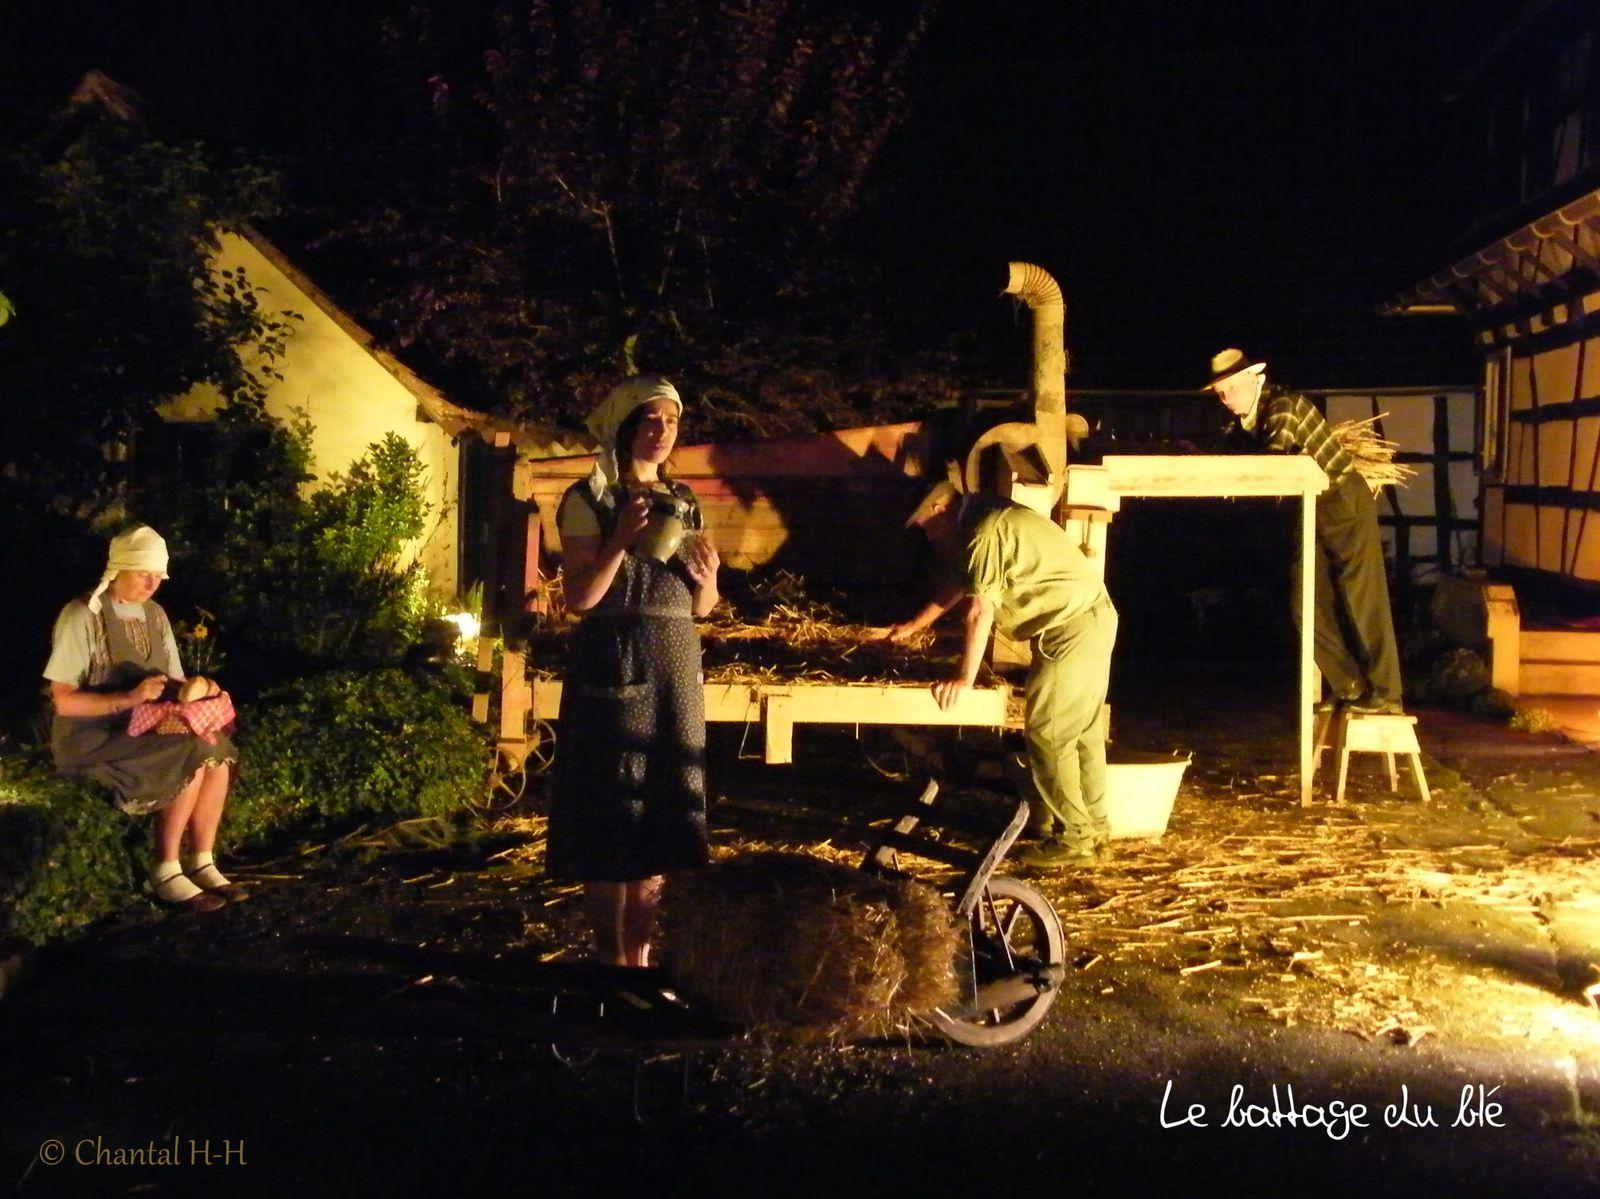 Tableau-vivant_Battage-du-ble_8419.jpg